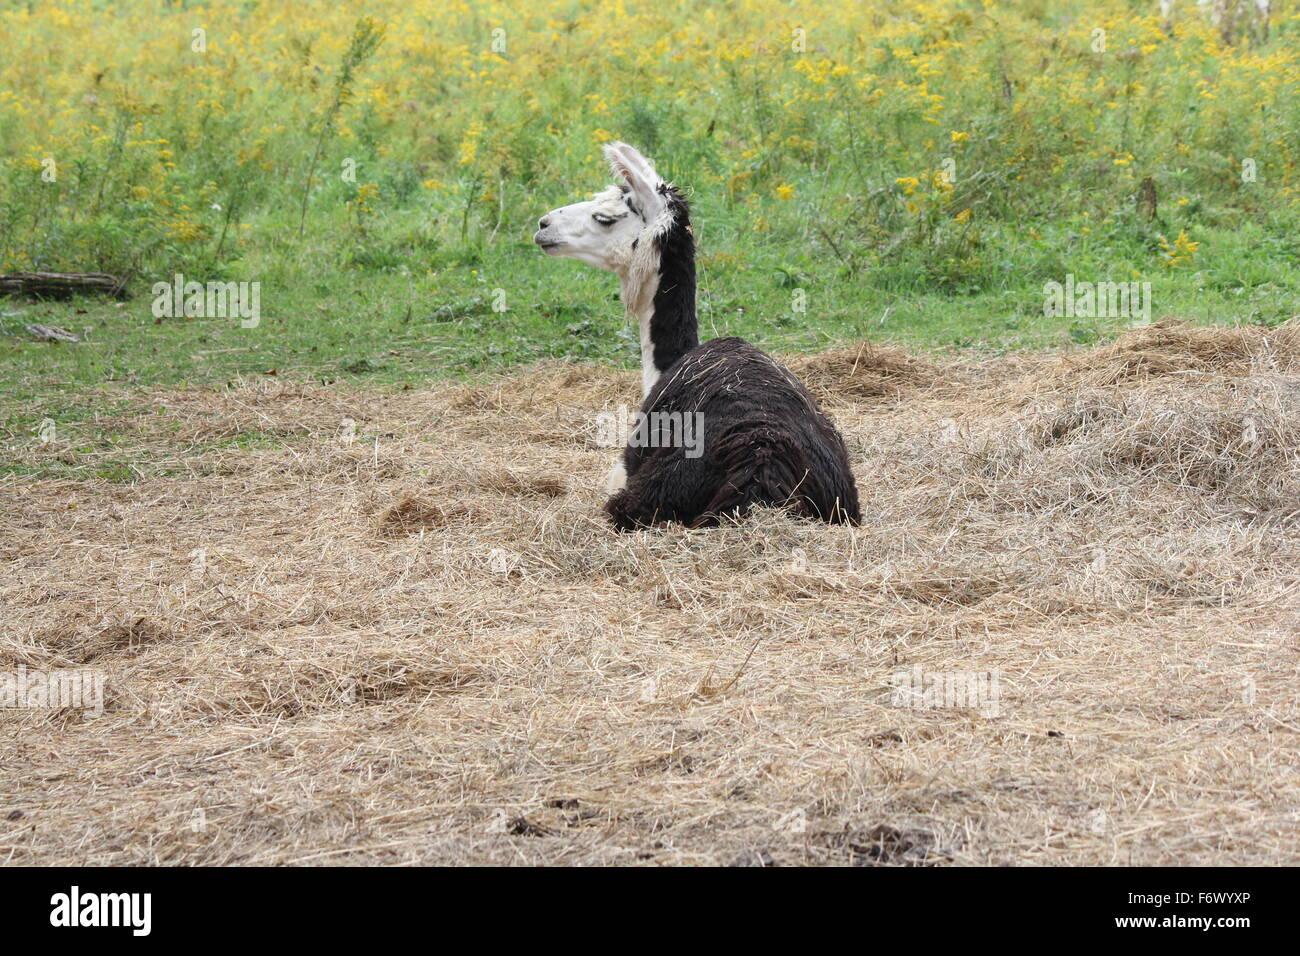 Llama en una pequeña granja de pasatiempo, tendido en un montón de paja. La llama es un camélido Imagen De Stock